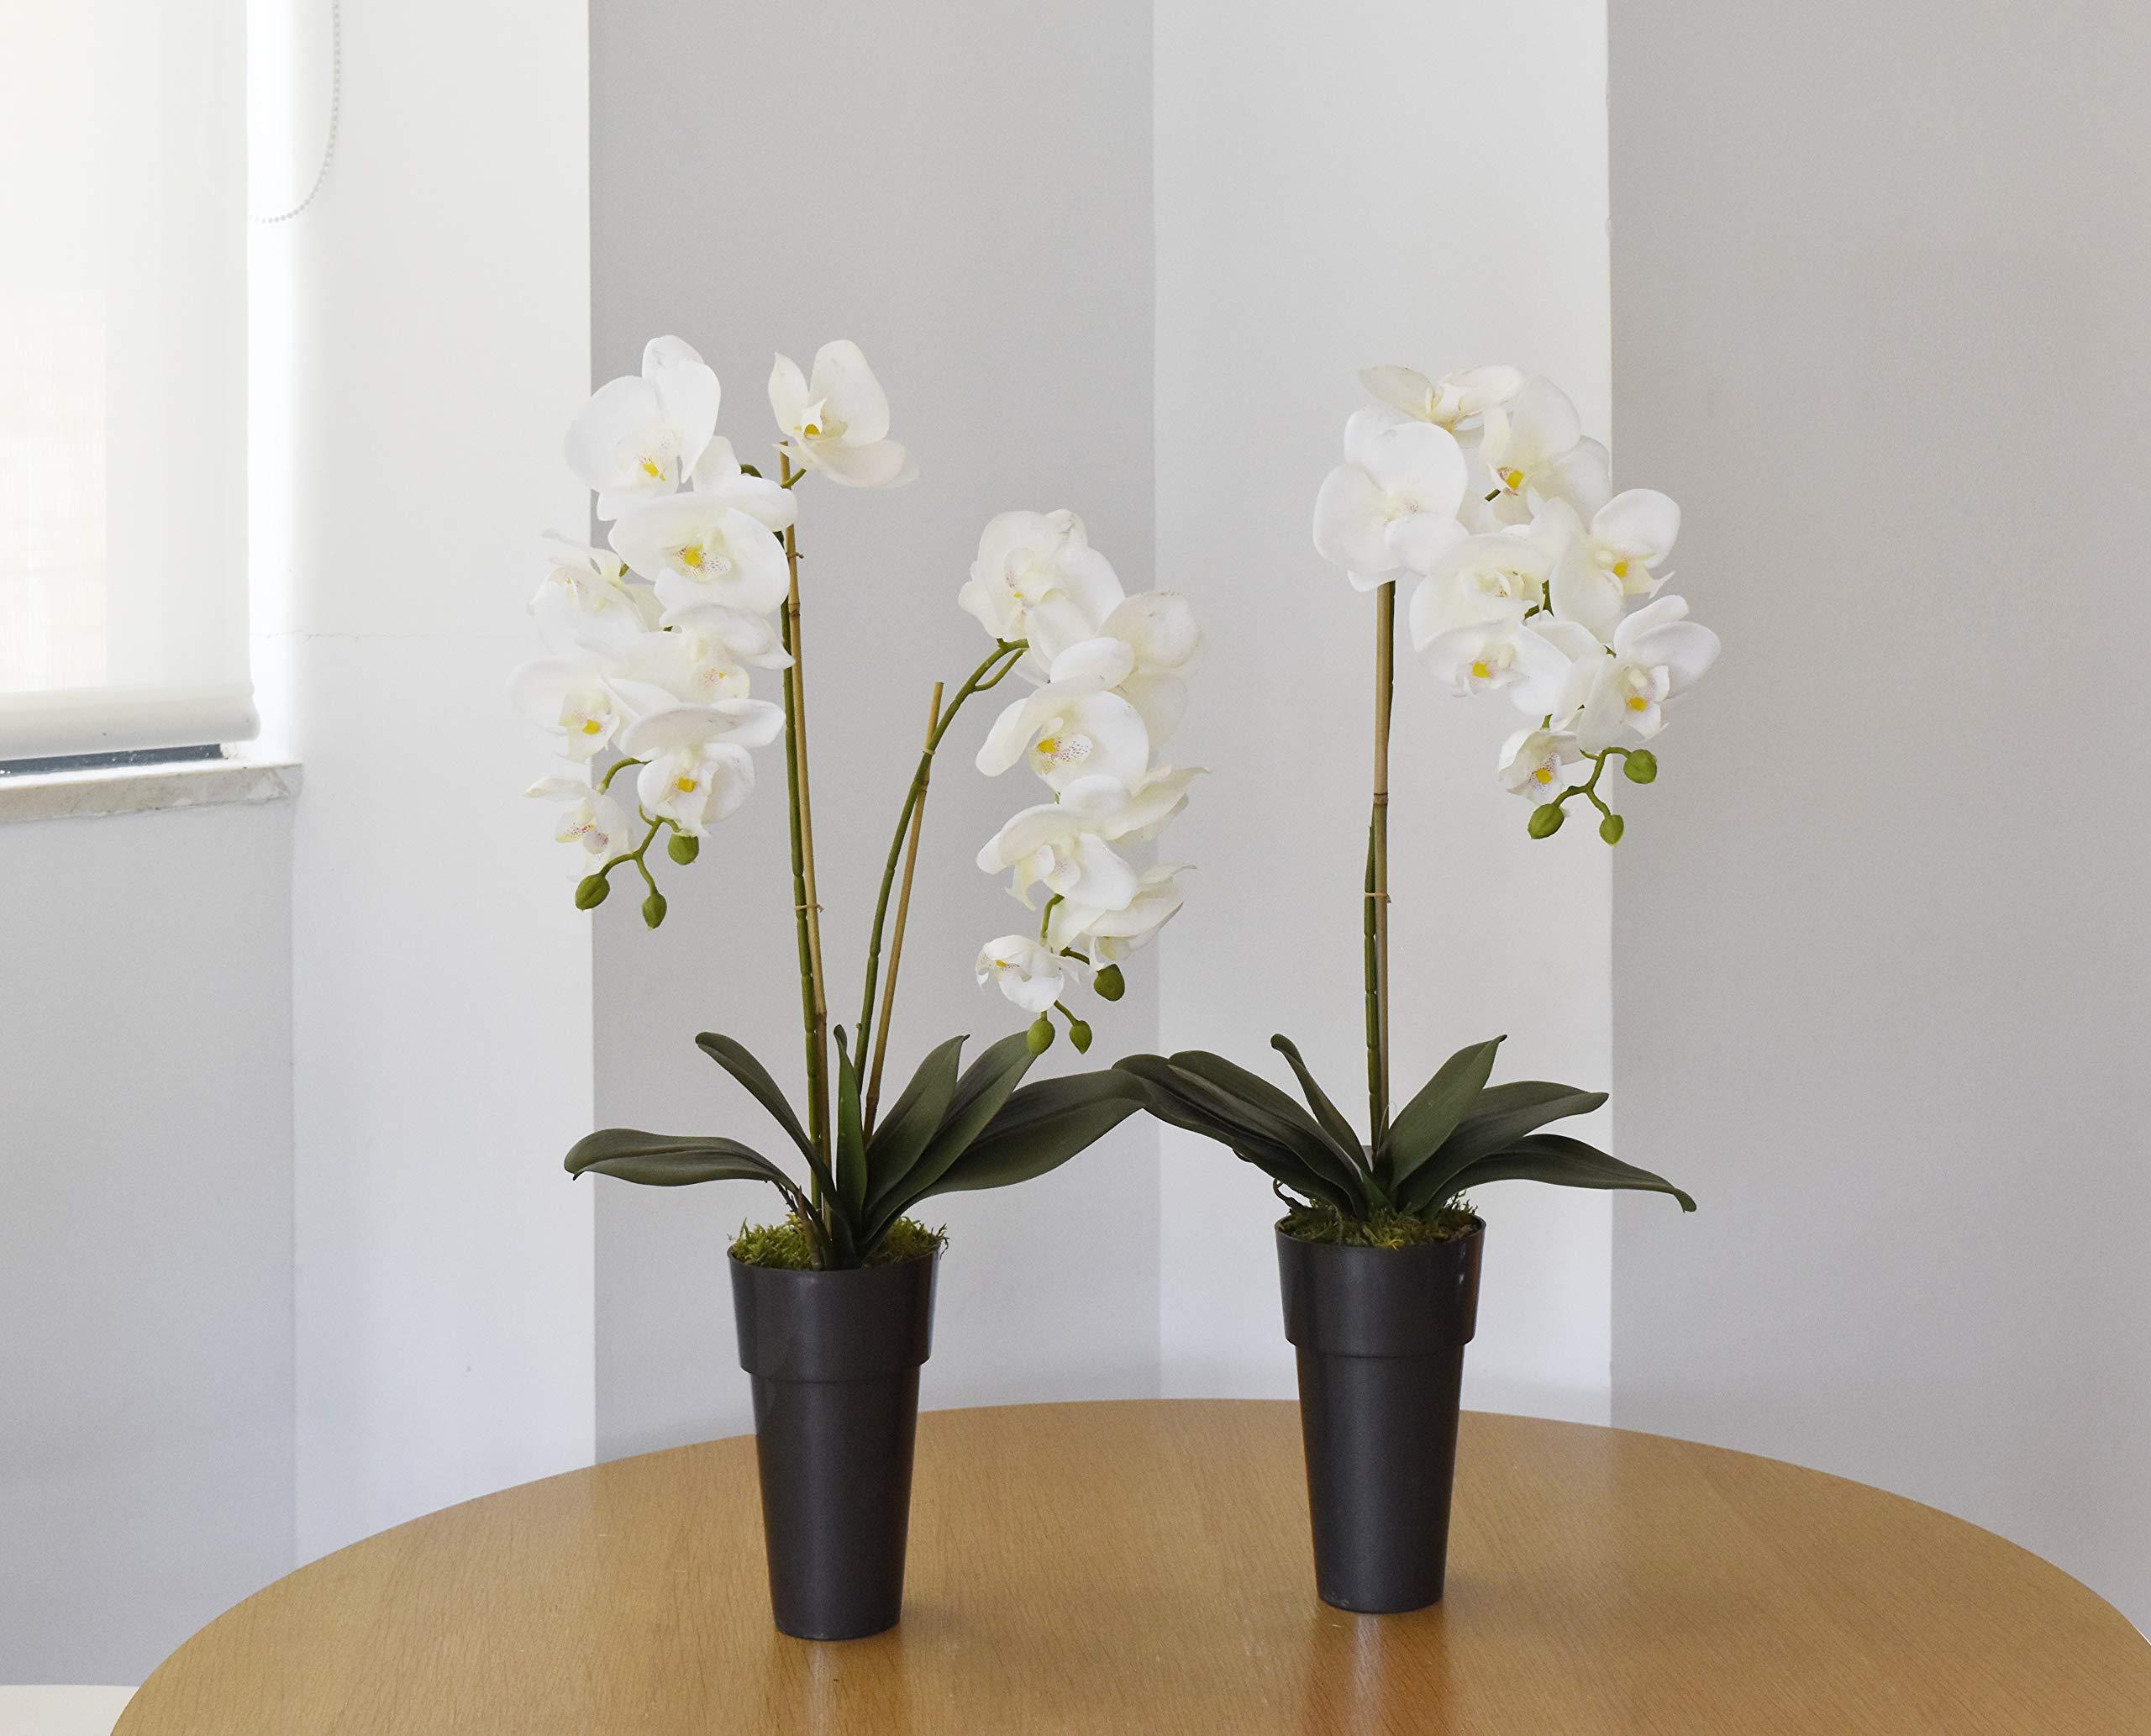 Maia Shop Flores Artificiales de Orquídeas, Phalenopsis con Maceta, Contiene Musgo Preservado, Ideal para Decoración de Hogar